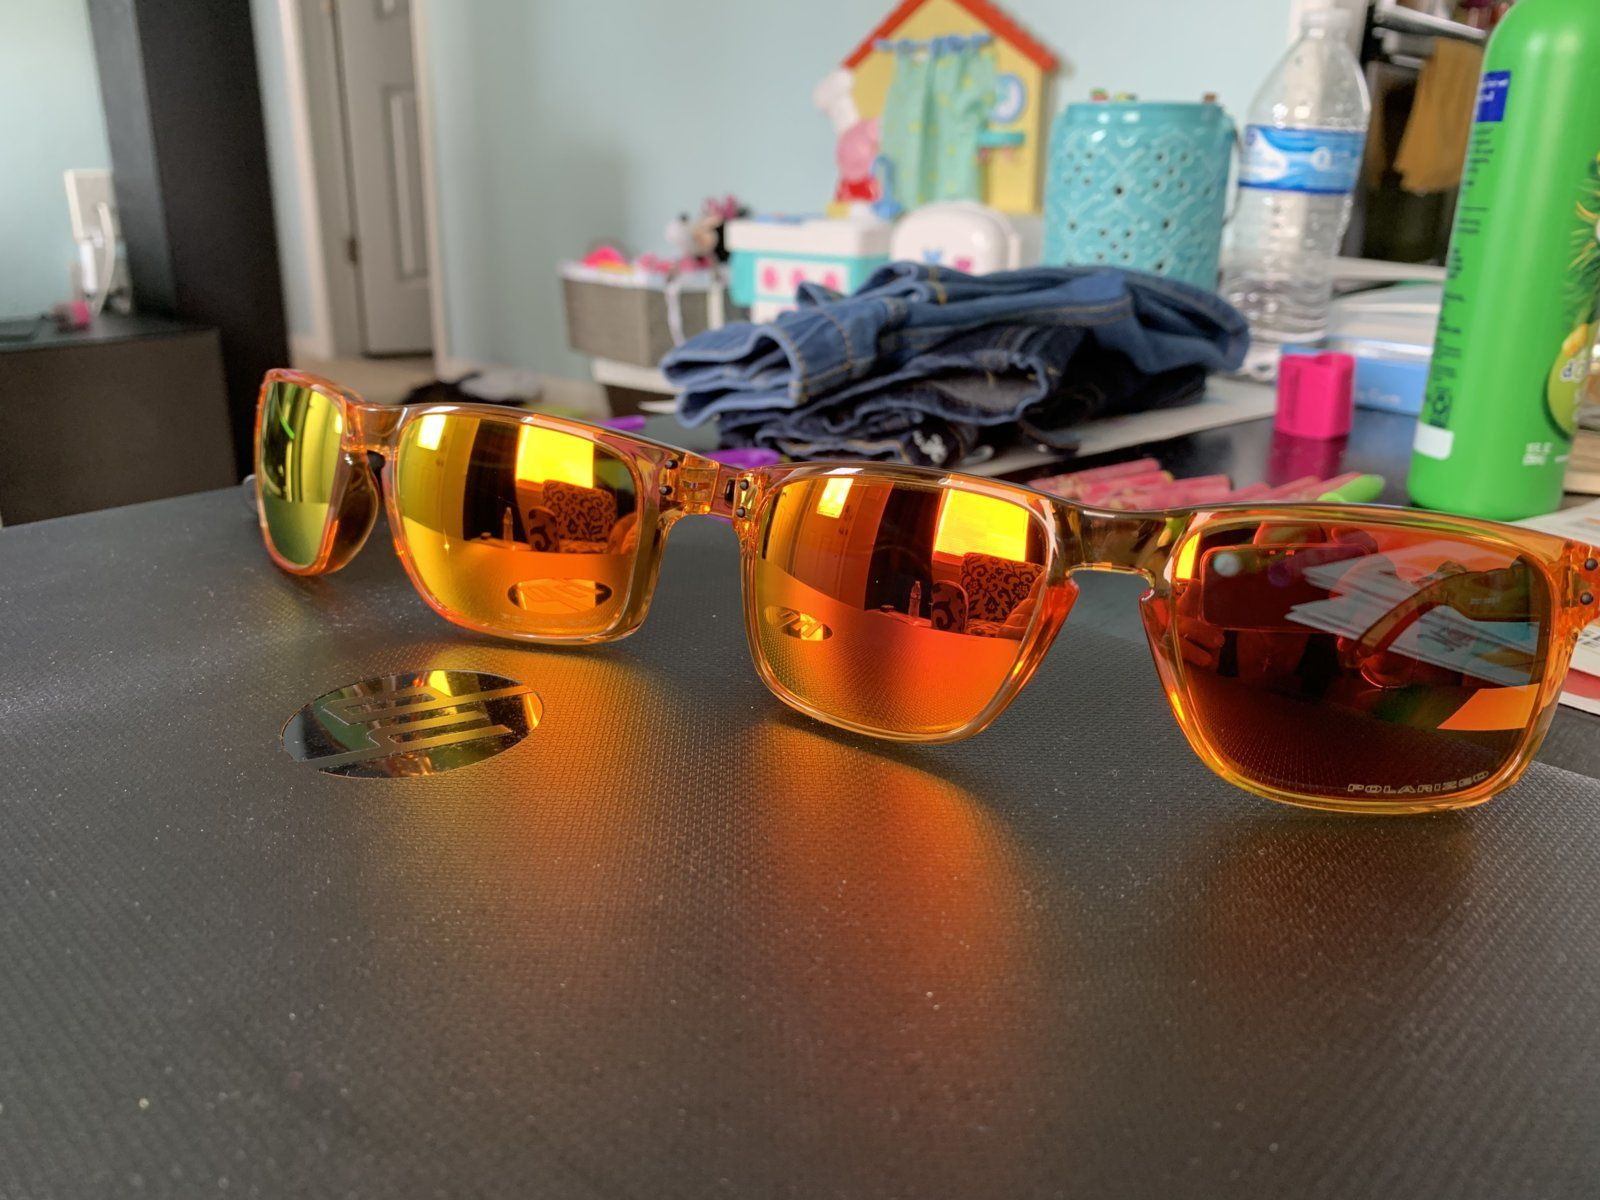 Crystal Orange Holbrook Twins - A7CC9D3B-37AB-4A97-8EAB-5A36B97D71B6.jpeg